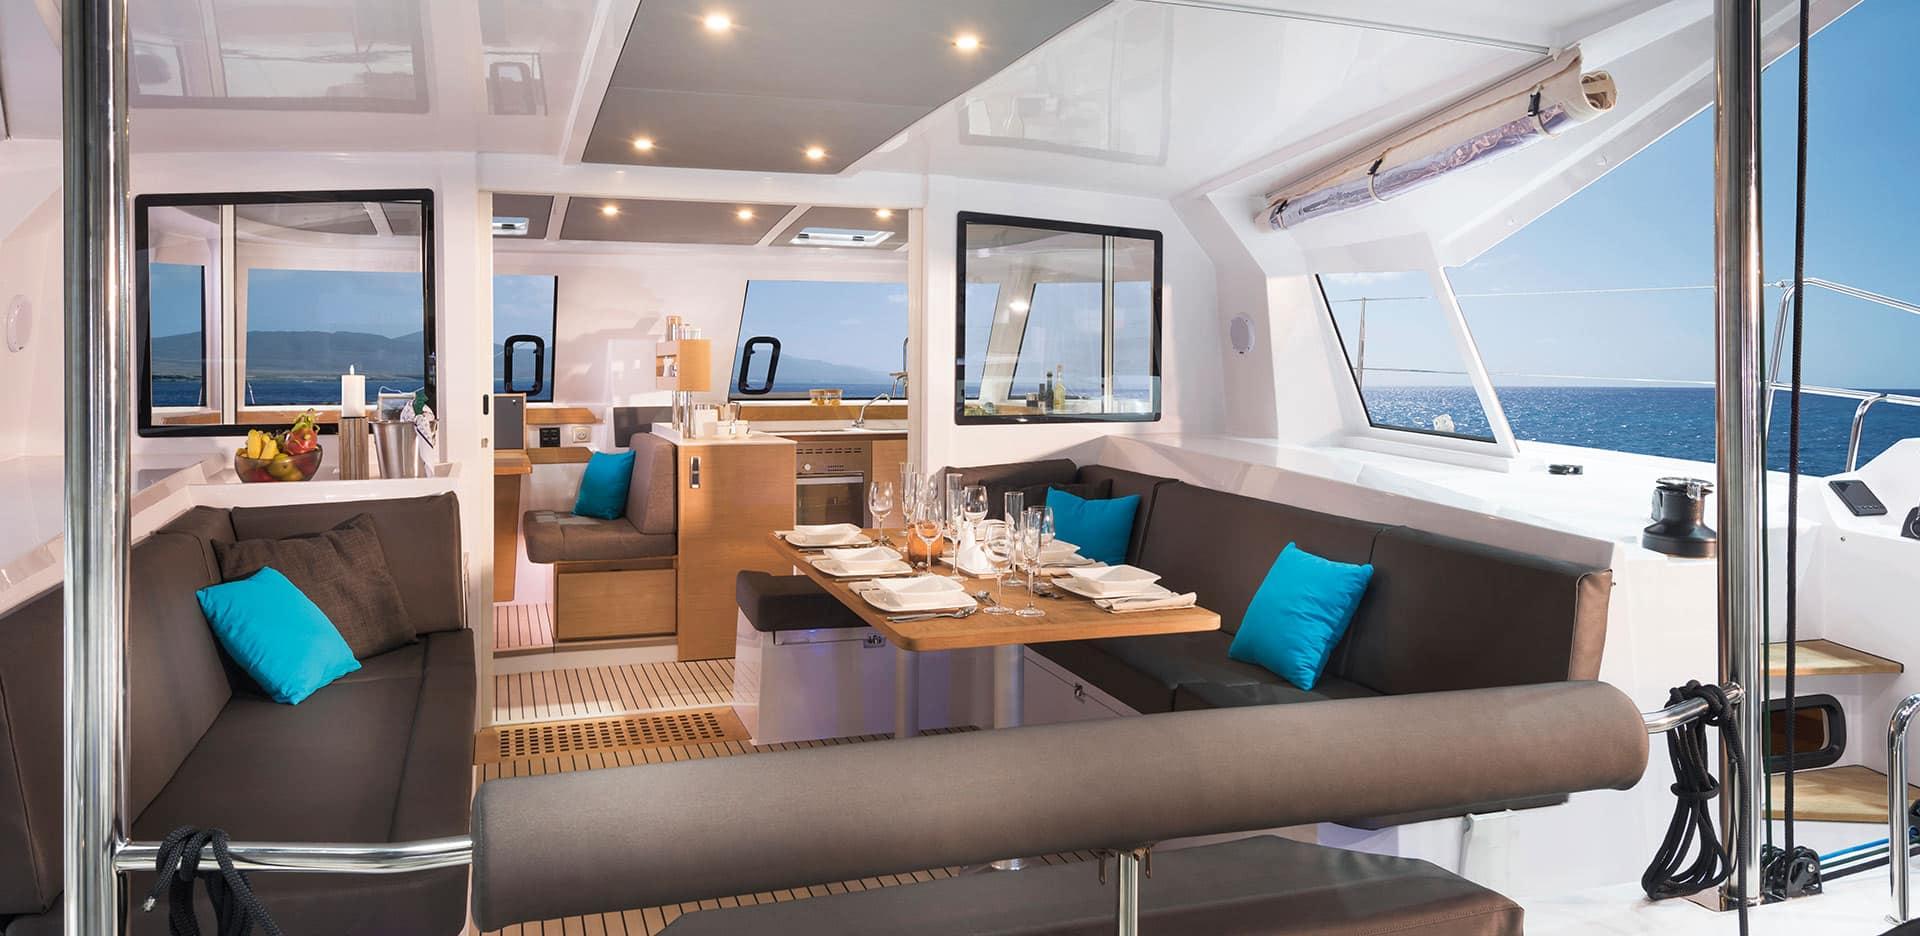 naututech-open-40-yacht-charter-croatia-sailing-holidays-croatia-booking-yacht-charter-croatia-catamarans-sailboats-motorboats-gulets-luxury-yachts-boat-rental-5